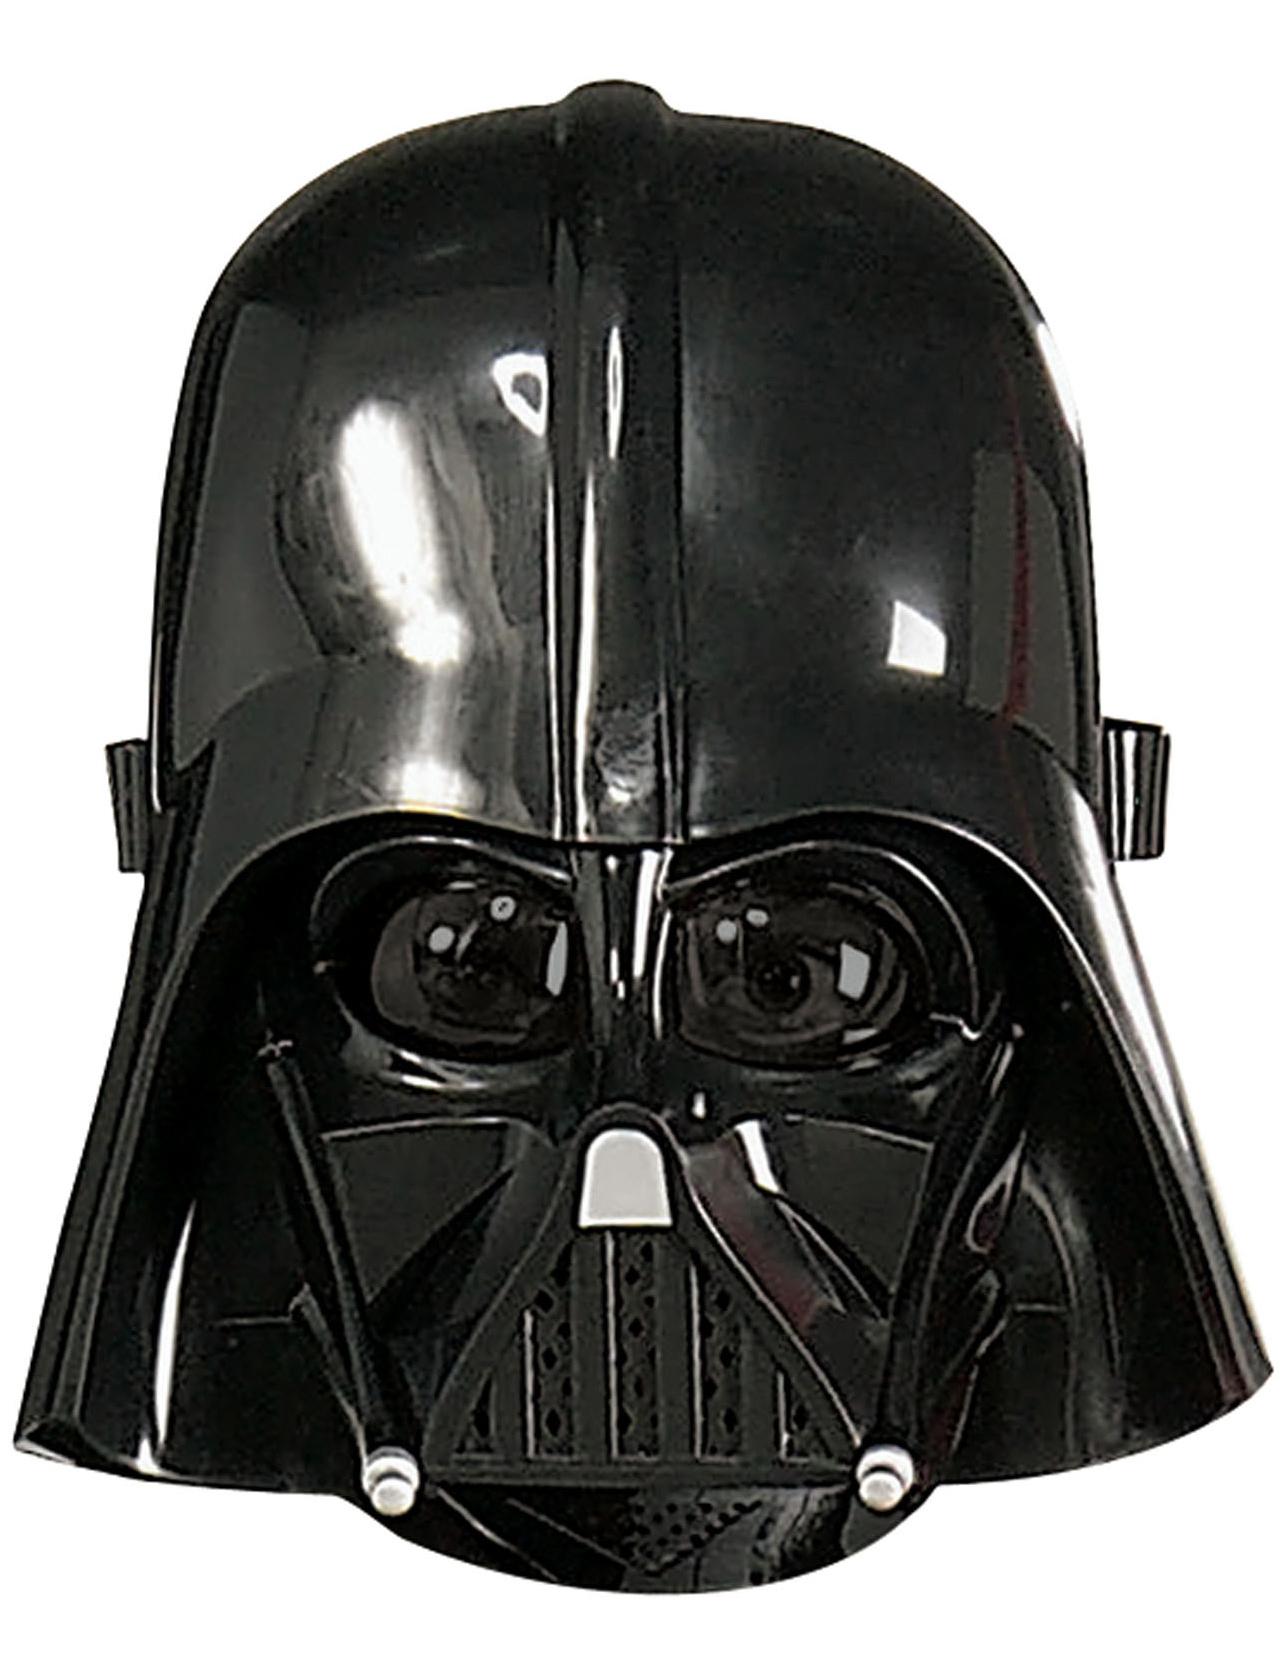 Darth-Vader™-Maske für Kinder Maskenund günstige